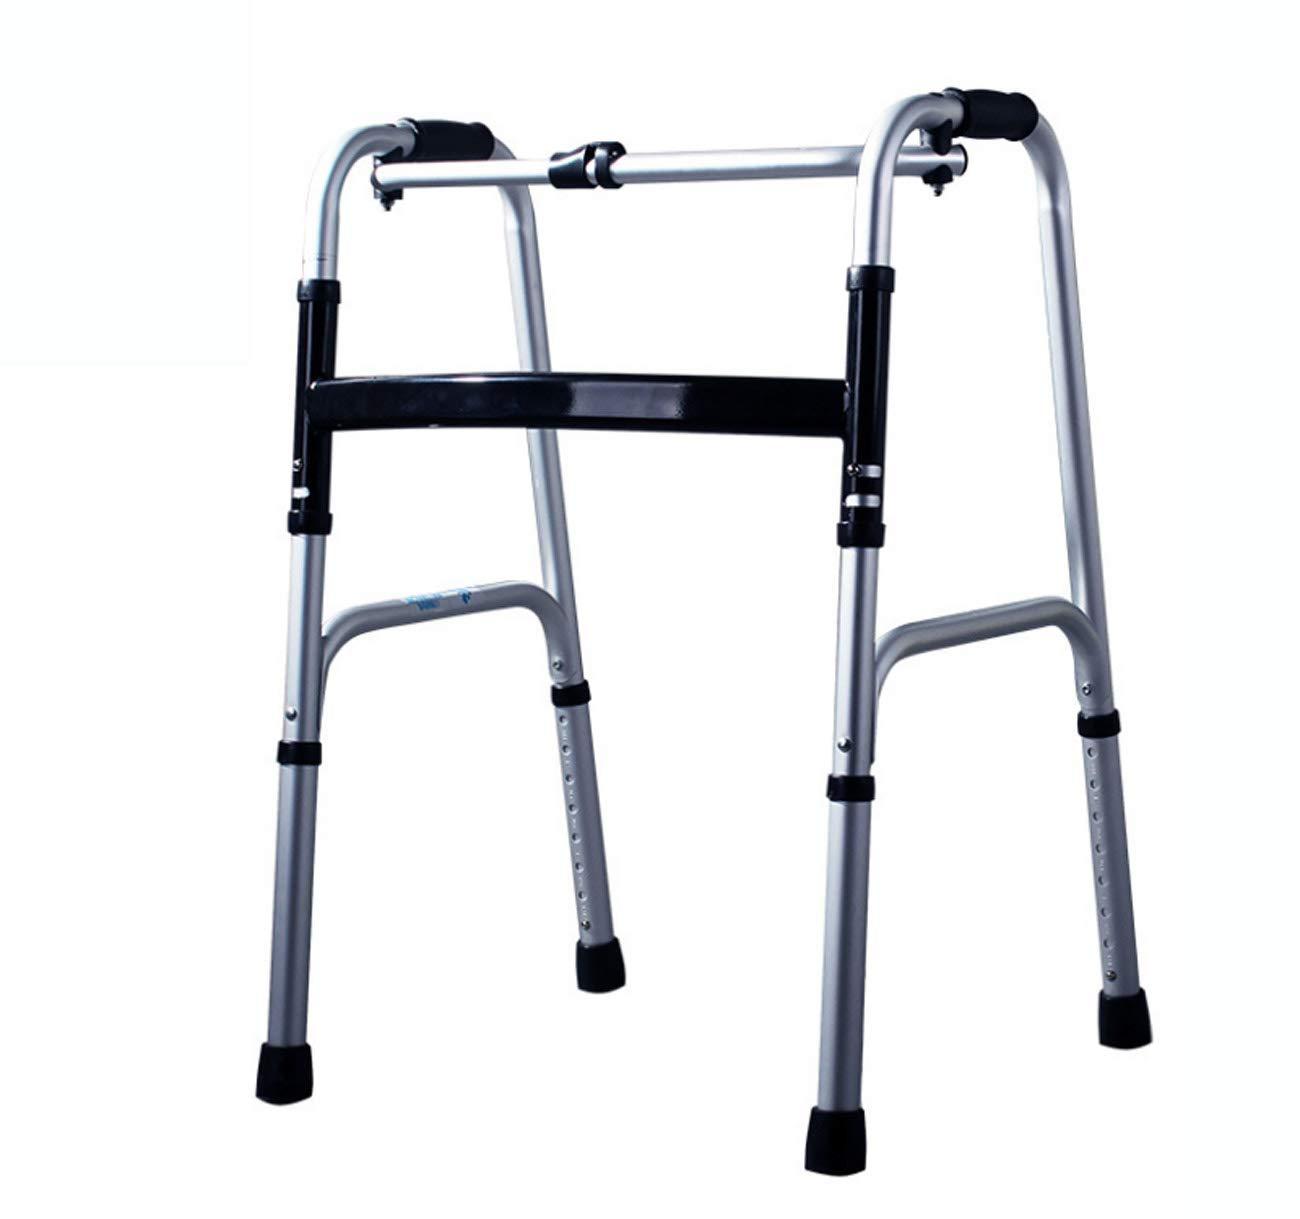 大注目 折りたたみエルダーウォーキングエイド、軽量デュアル使用歩行フレーム障害者、高さ調節可能 B07G4DG7VL B07G4DG7VL A, 業務用厨房機器のマル厨:7c7f9fd2 --- a0267596.xsph.ru